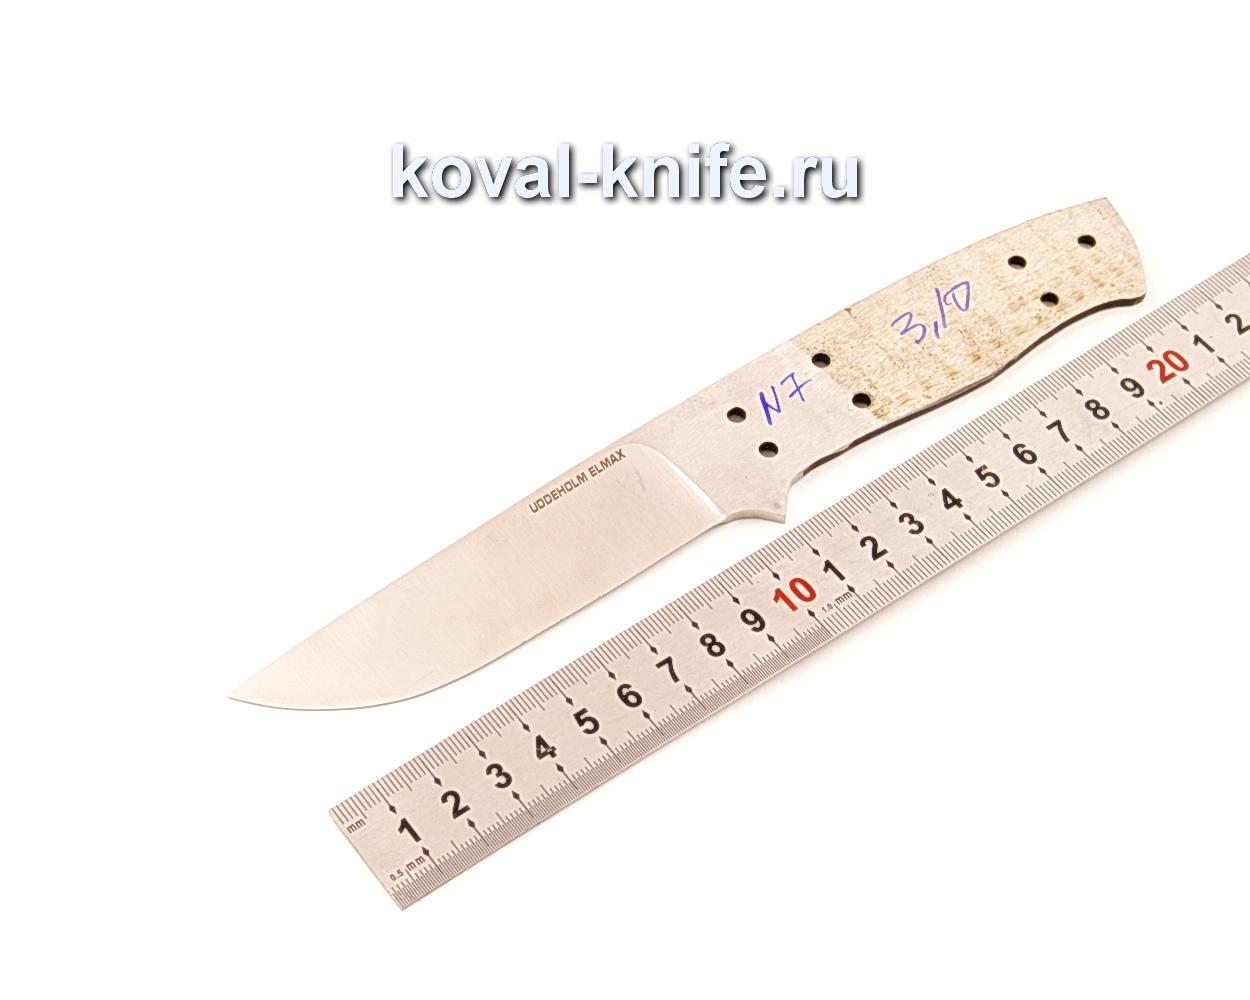 Клинок для ножа из порошковой стали Elmax N7